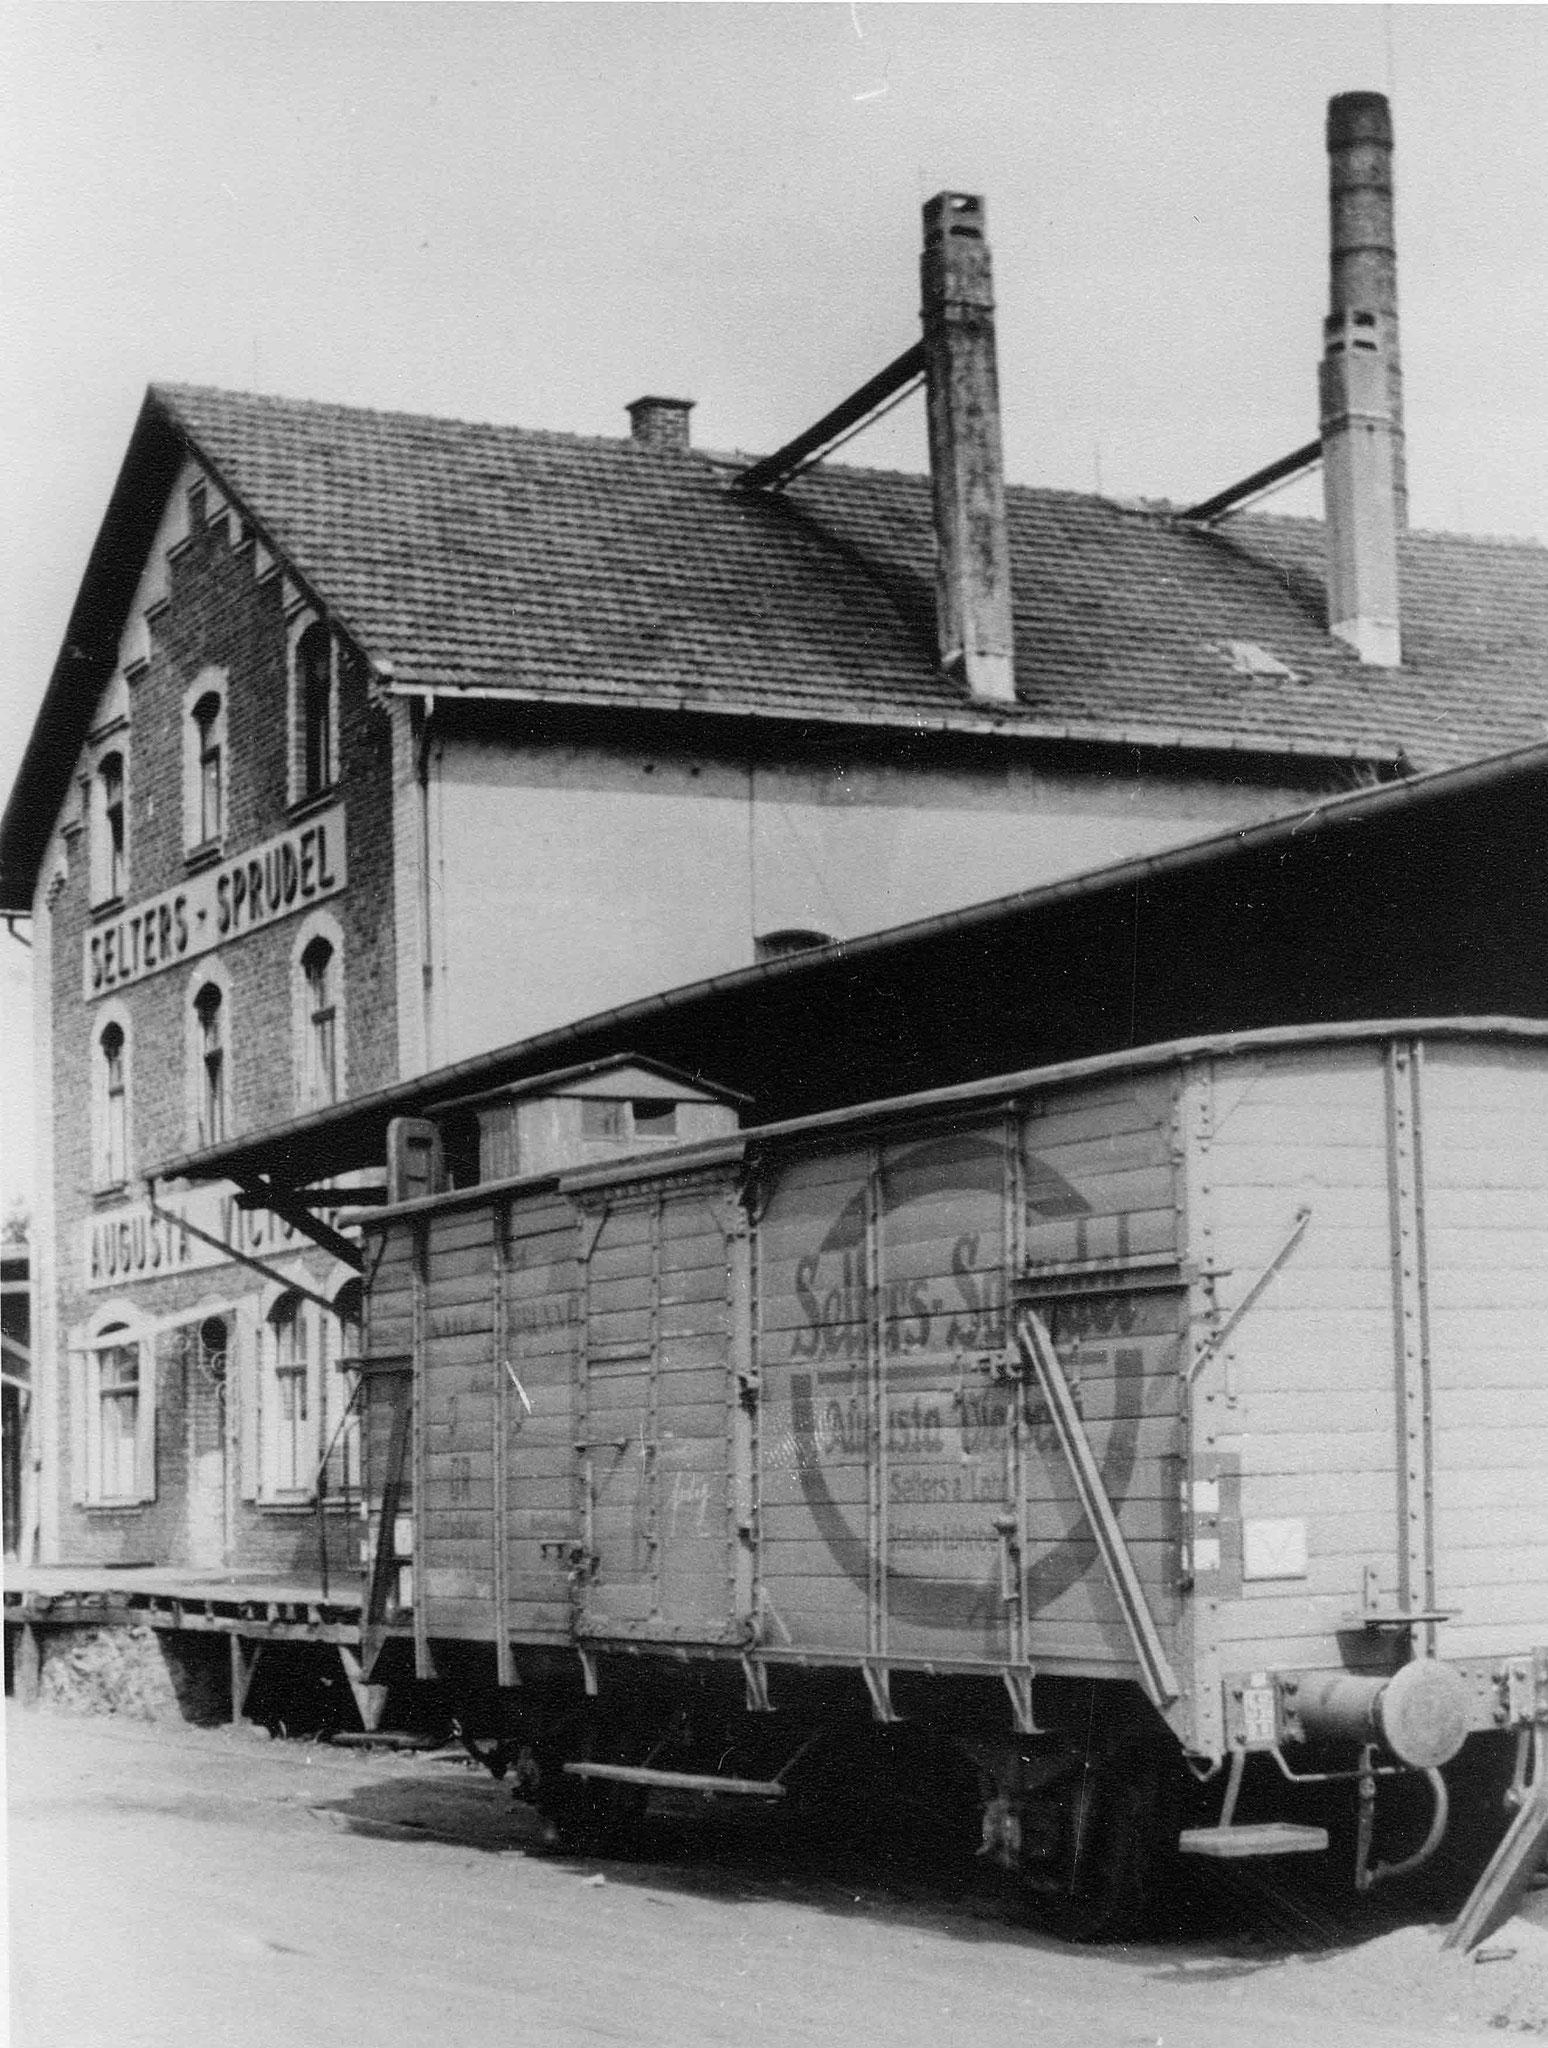 Eigen Wagen mit Firmenlogo gab es schon sehr früh         Foto:  Fa. Selters Minaeralquelle